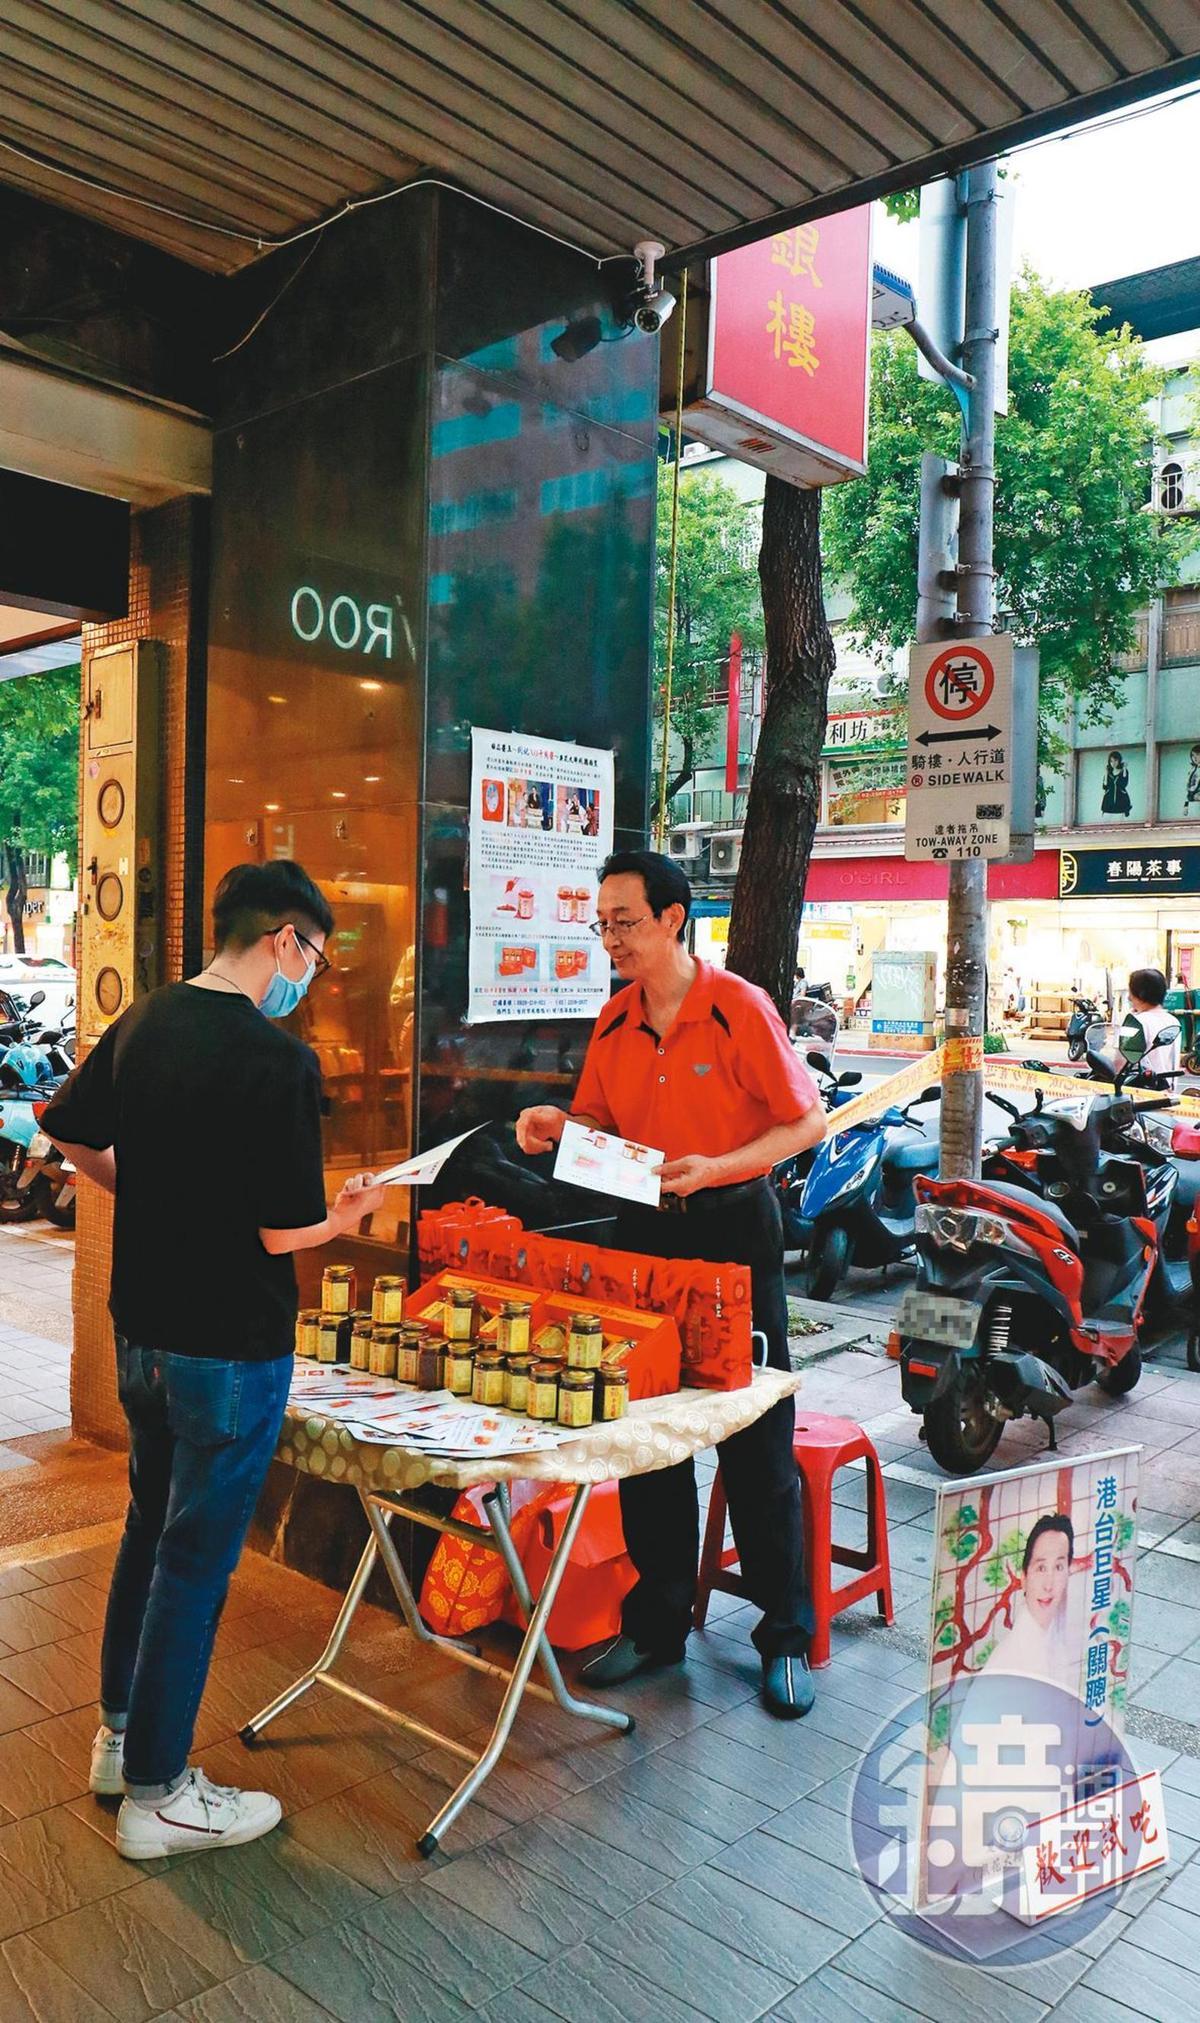 關聰在路邊宣傳「關記」XO醬,一一解答顧客的詢問。